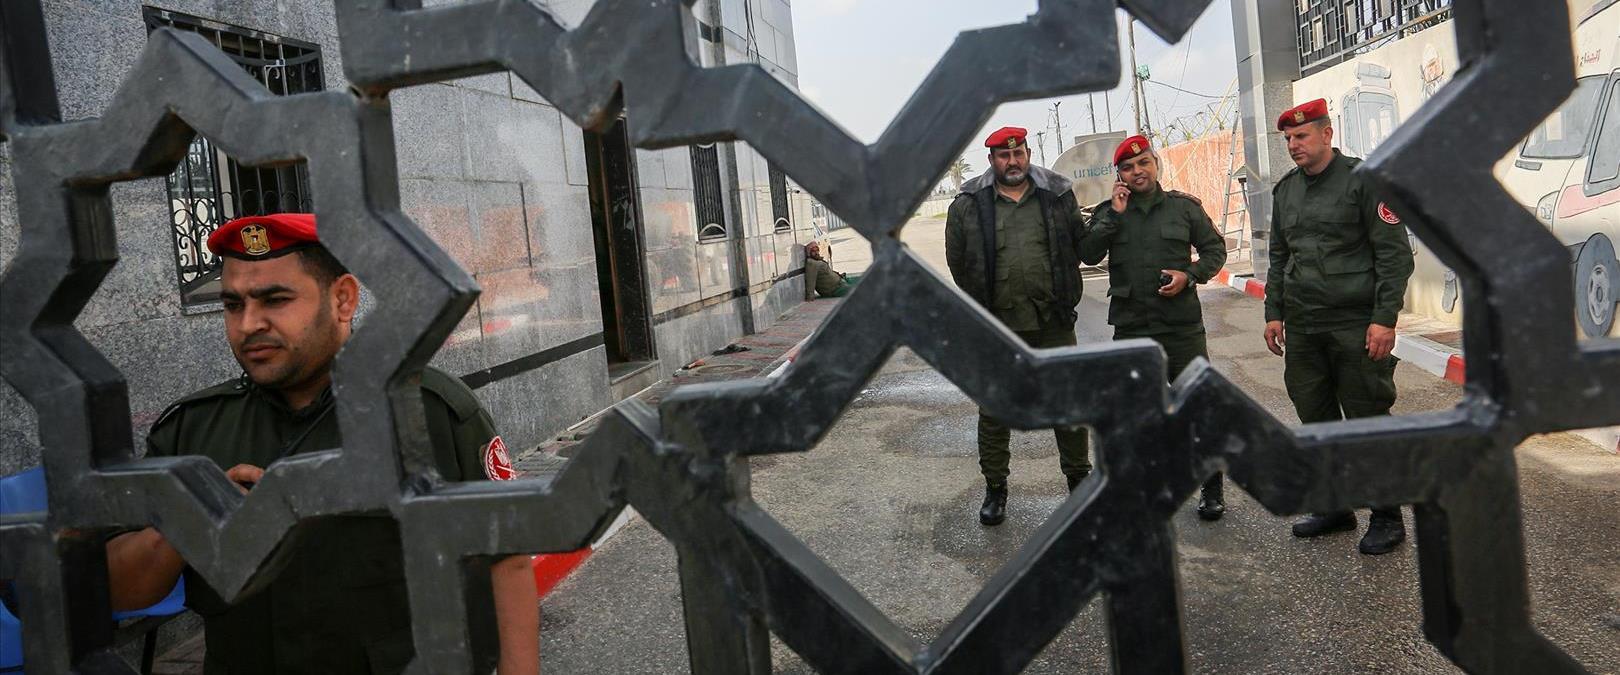 אנשי חמאס במעבר רפיח הסגור